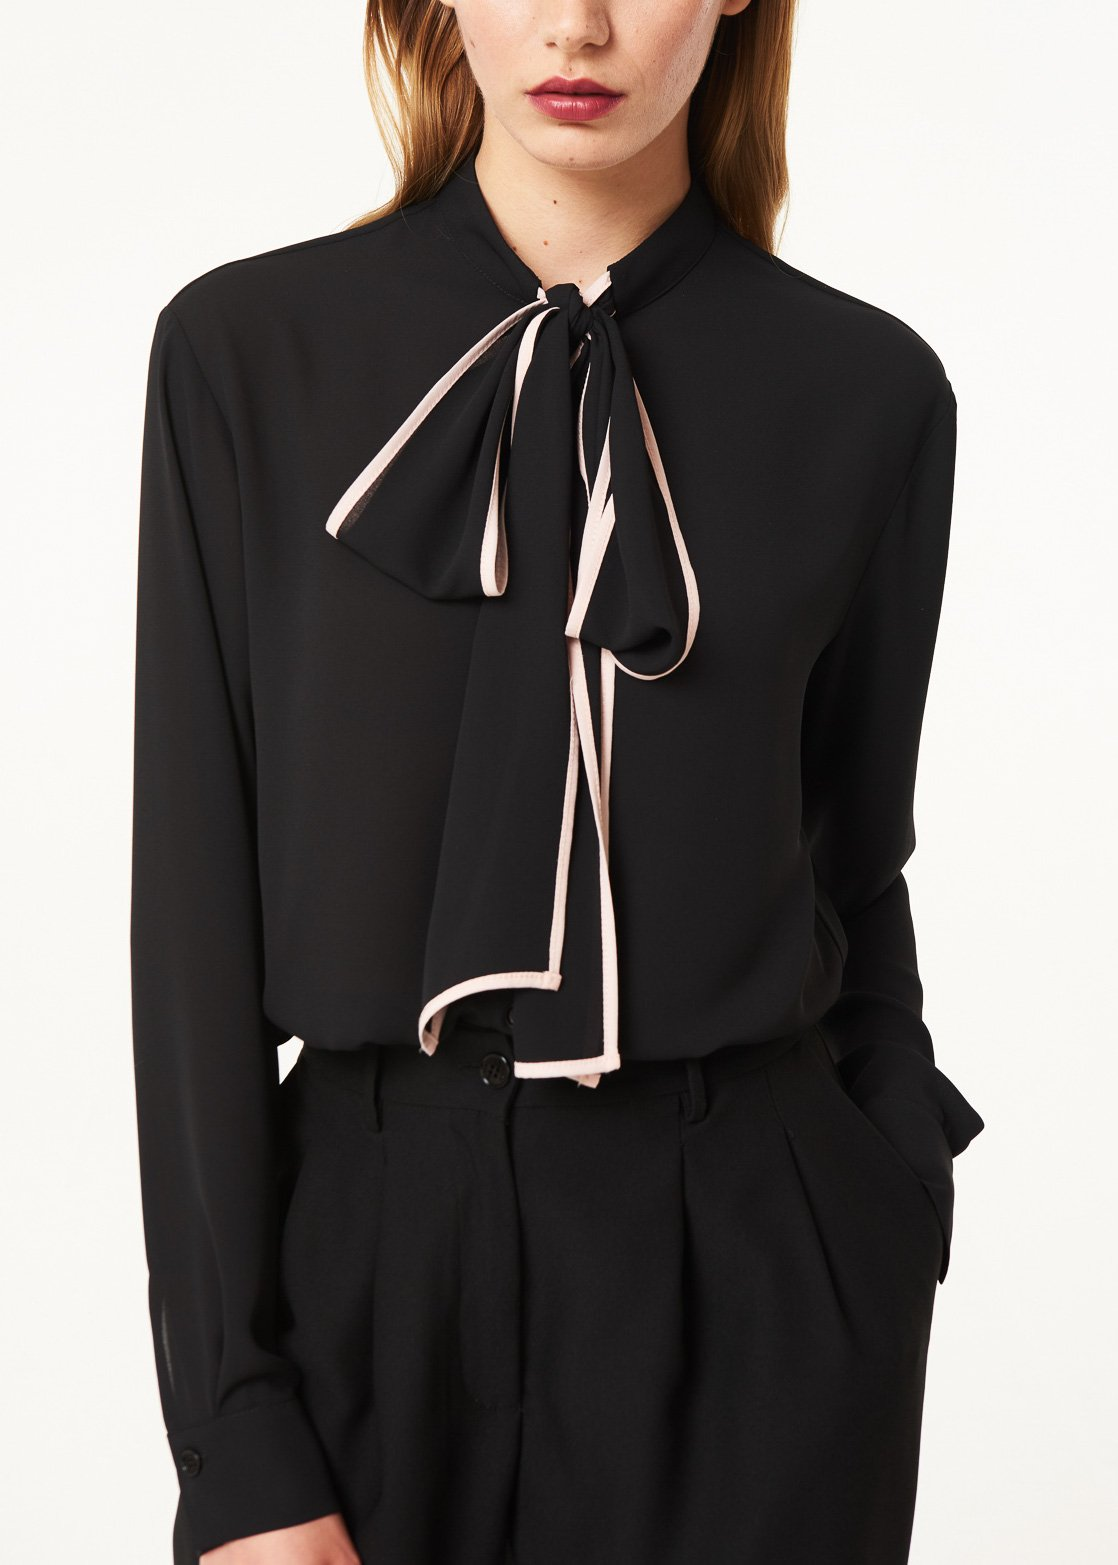 Georgettes shirt  DENNY ROSE |  | DD400182001